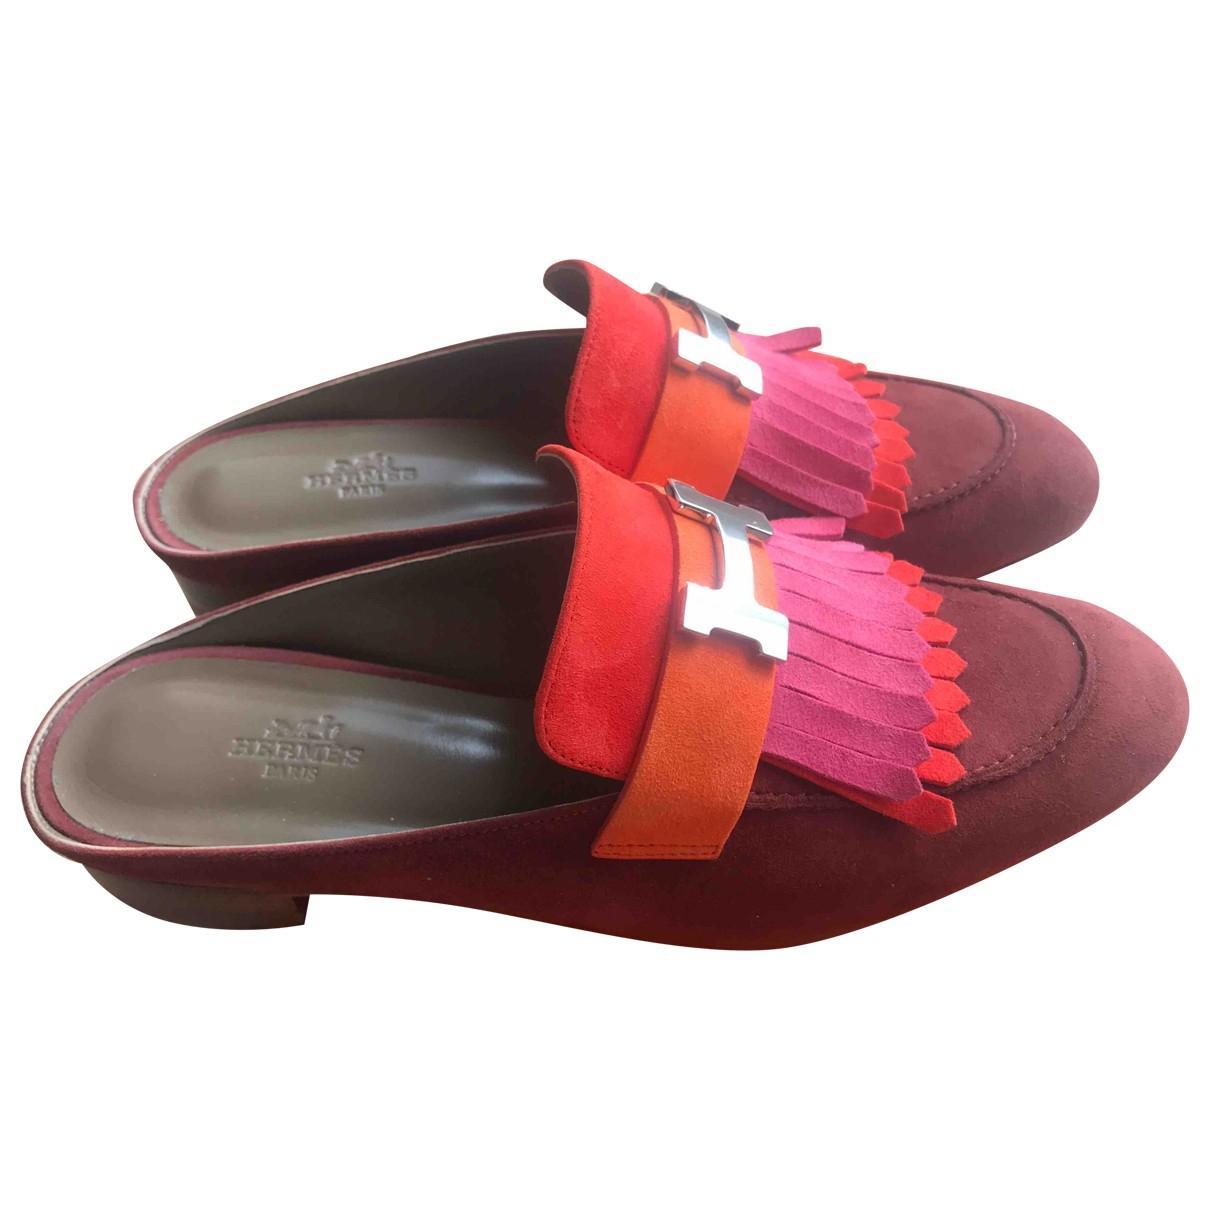 Hermes - Sandales Rivoli pour femme en suede - multicolore